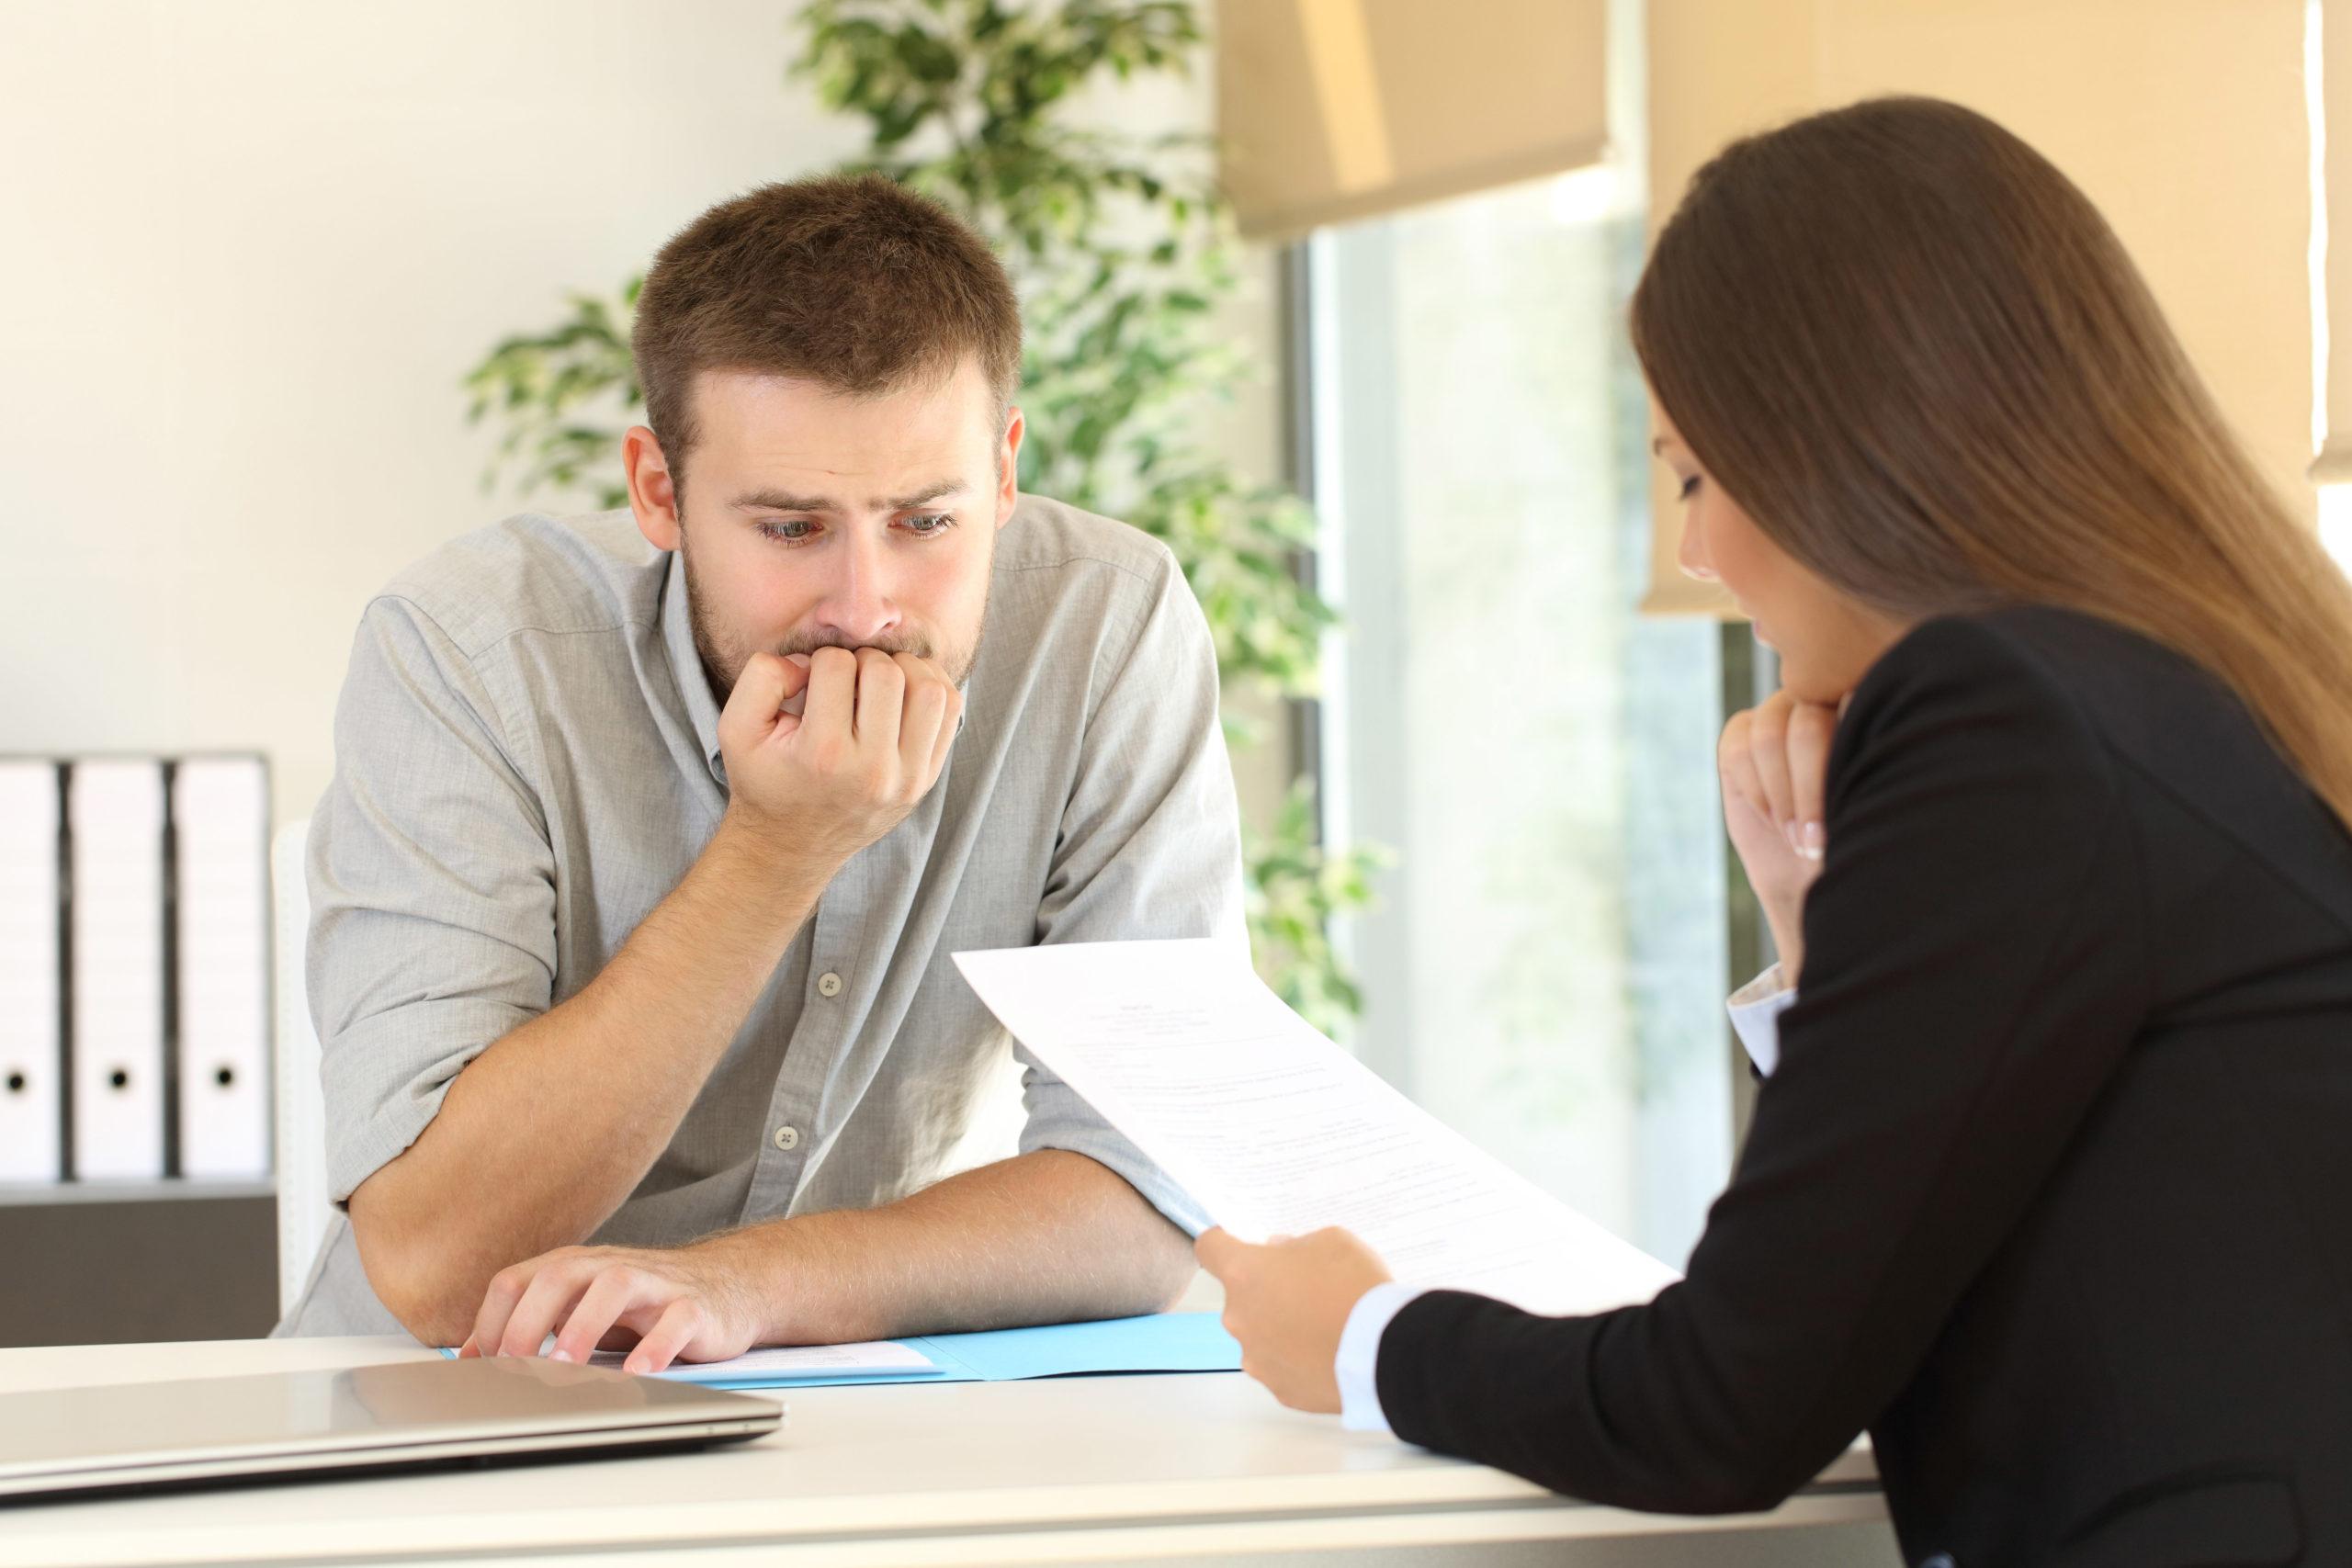 De meest gemaakte fouten tijdens een sollicitatiegesprek